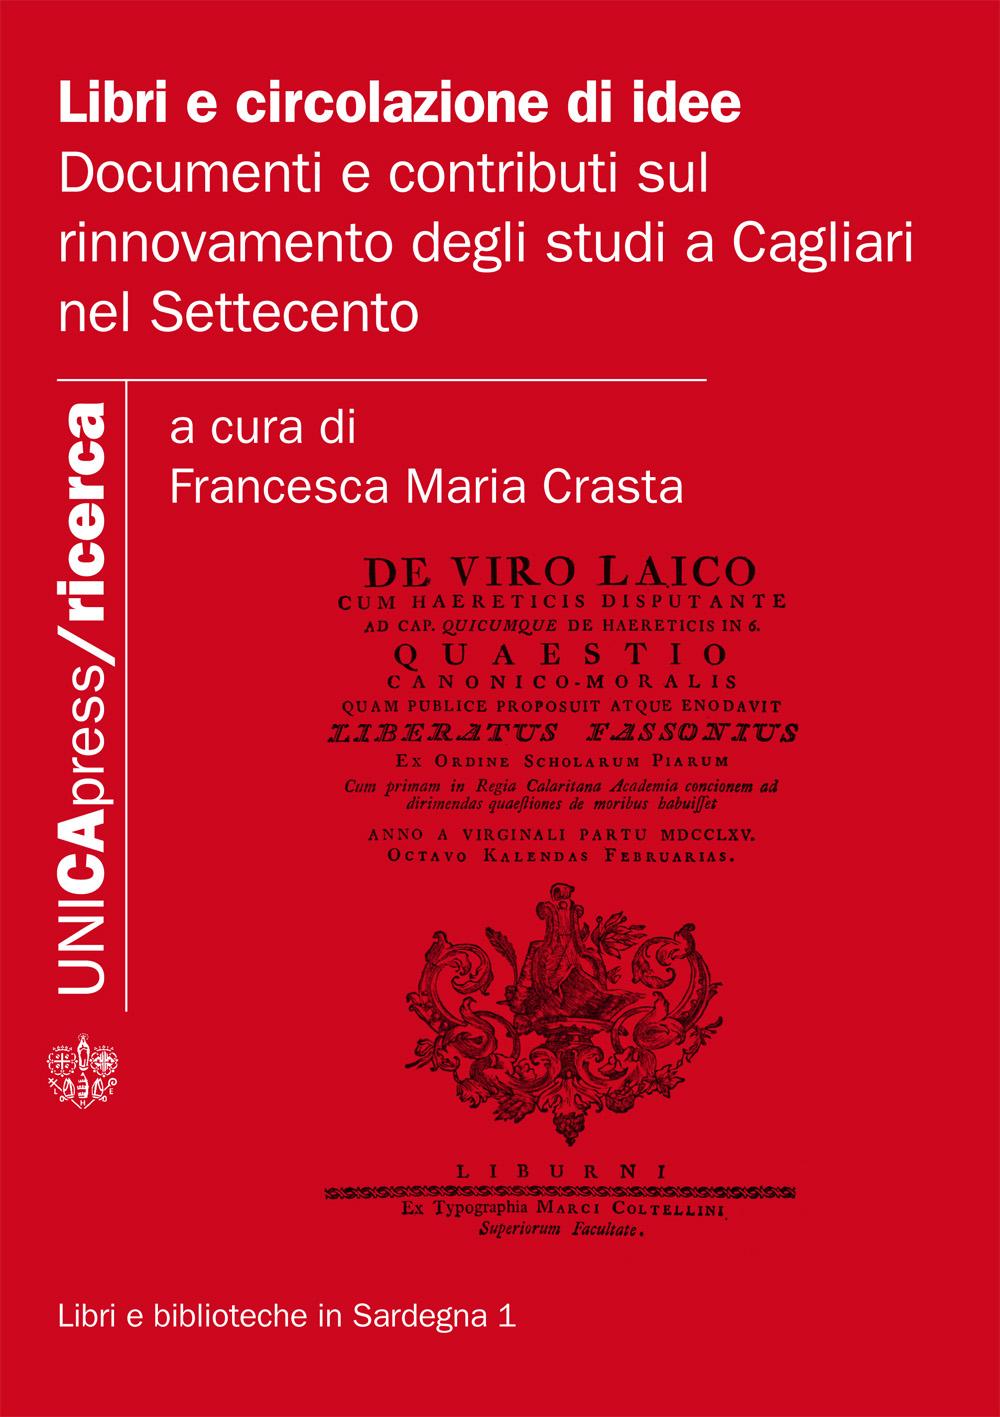 Libri e circolazione di idee - Bononia University Press